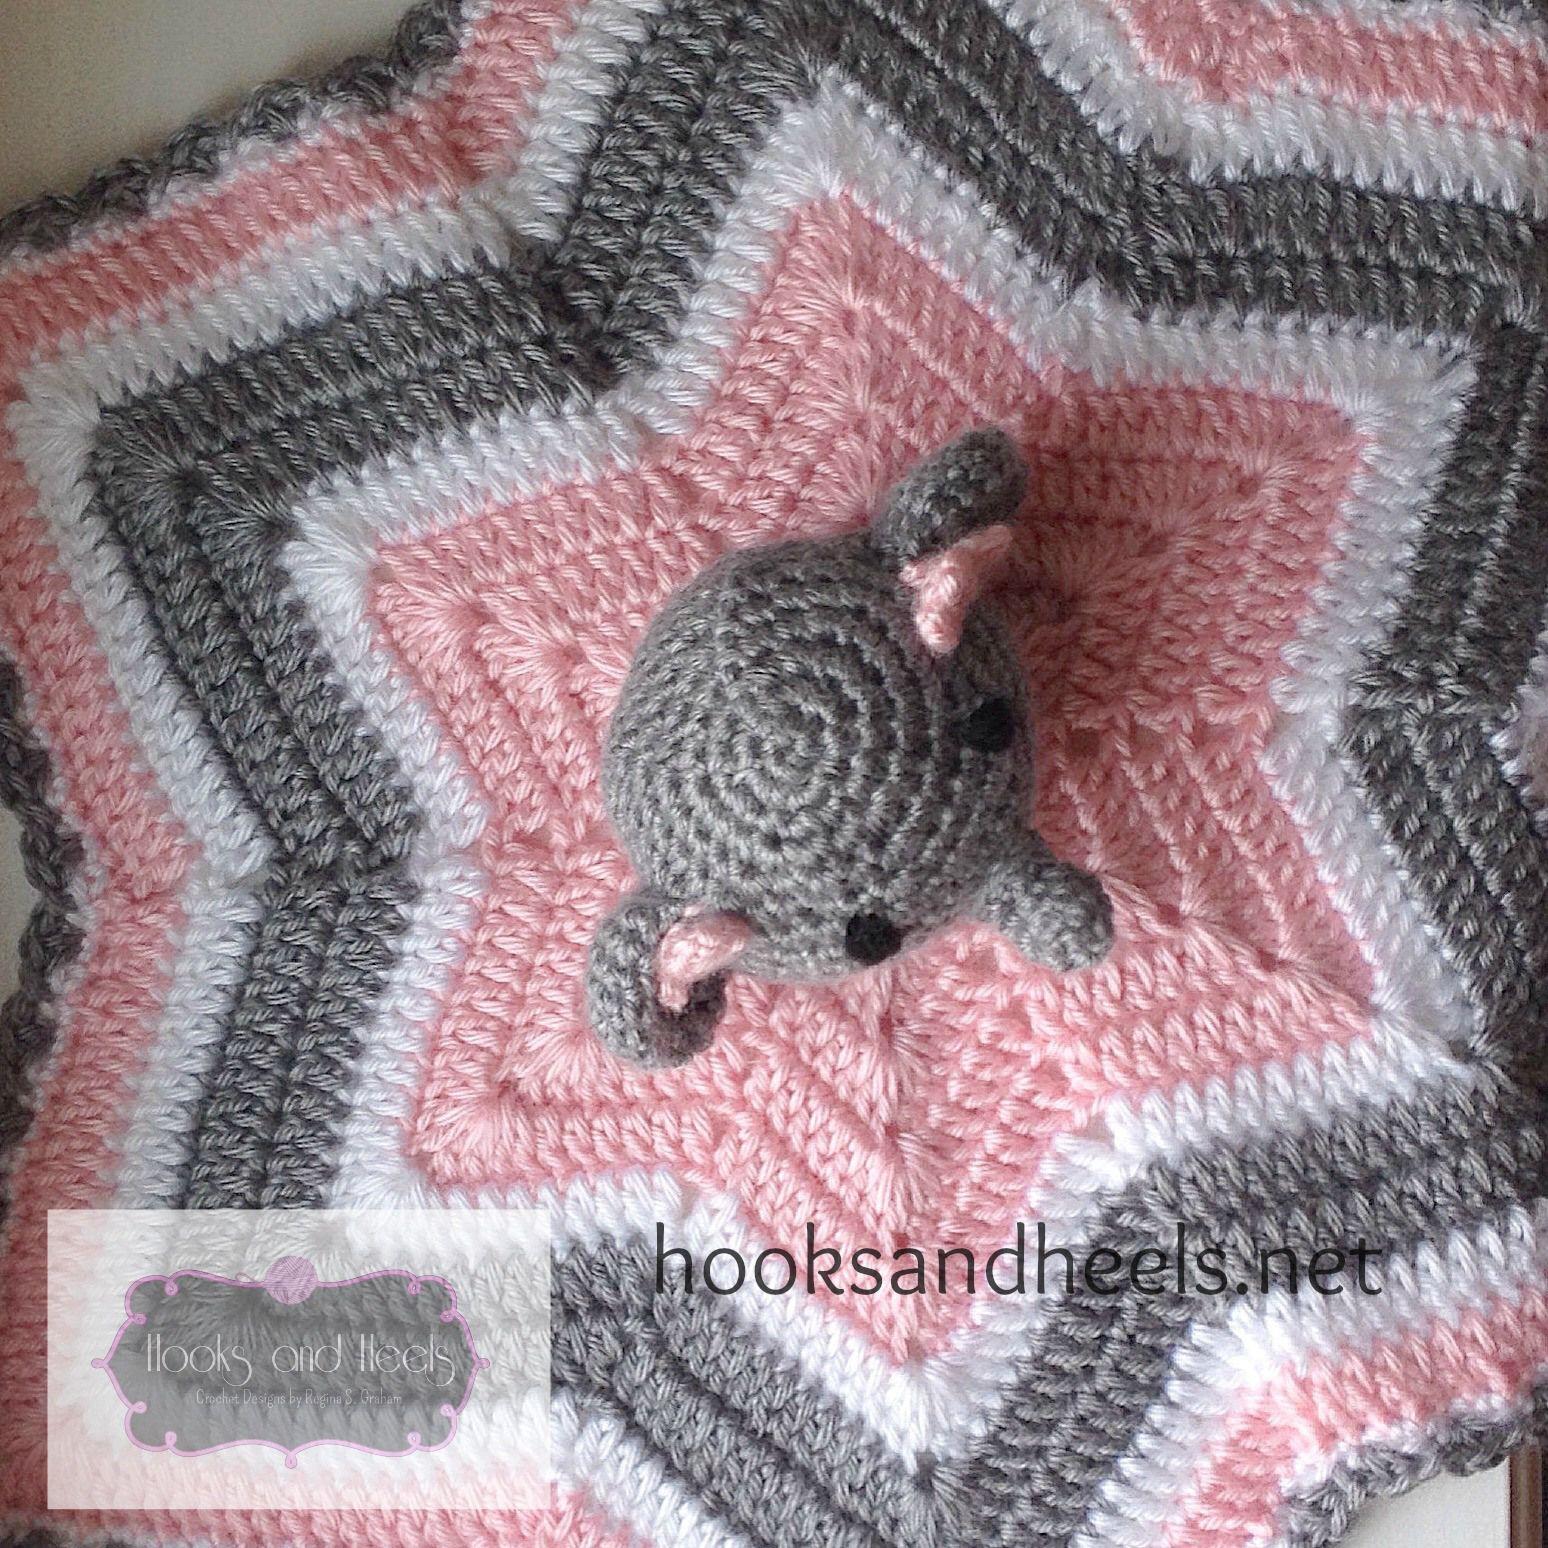 elephant-lovey-5 Chevron Elephant Lovey | Crochet Me! | Pinterest ...